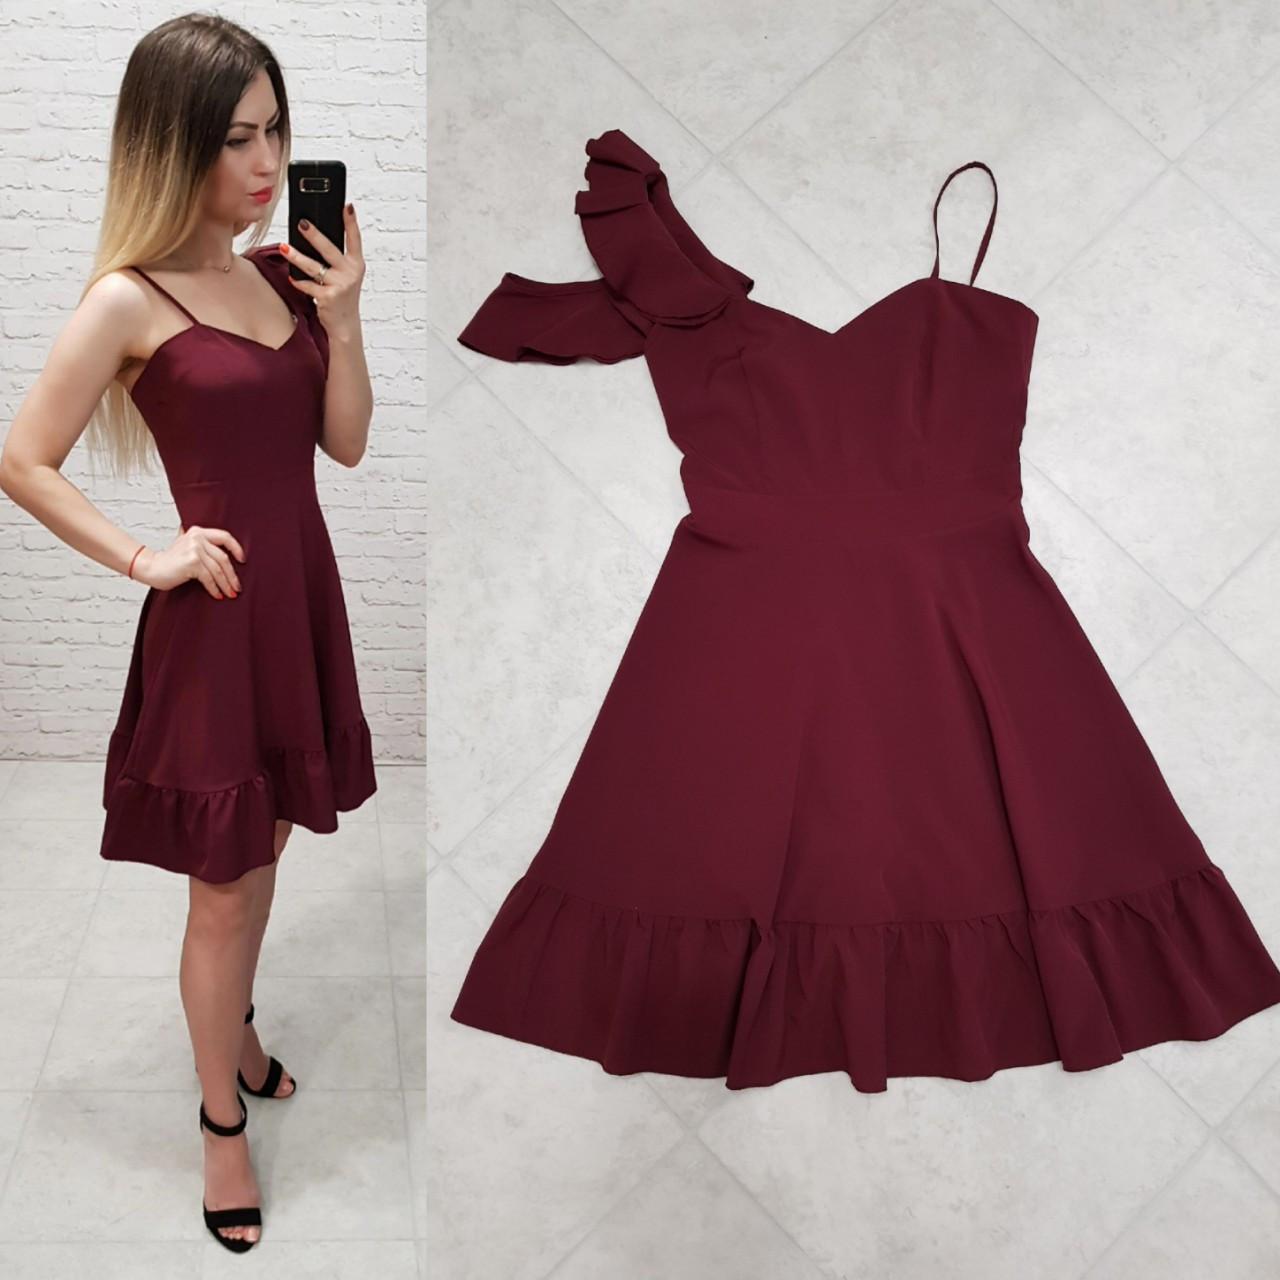 Сукня асиметрія арт. 164 бордо / вишня / марсала